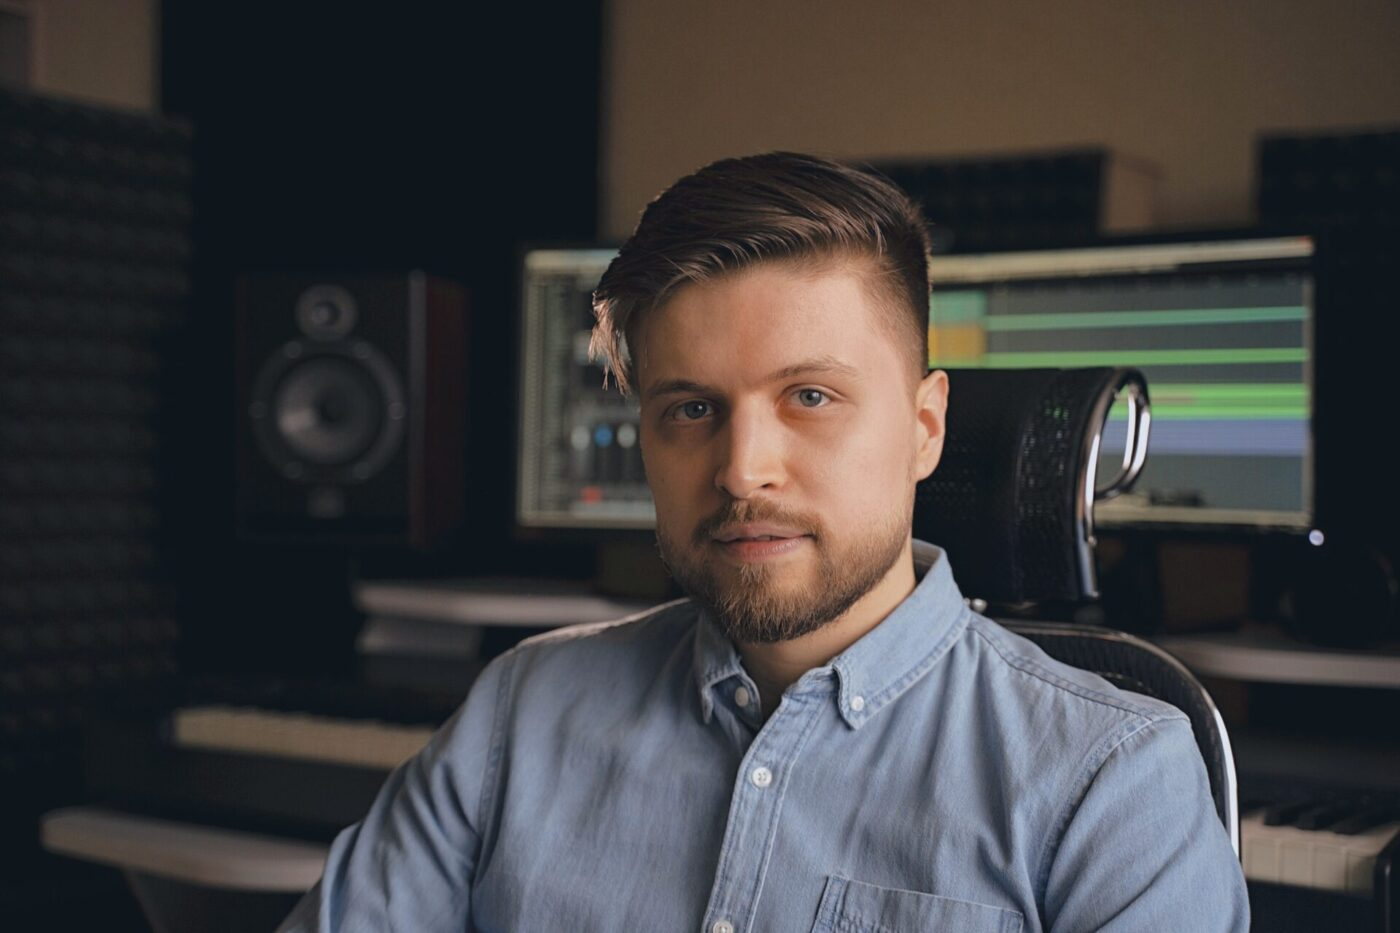 Yakov Alexandrov